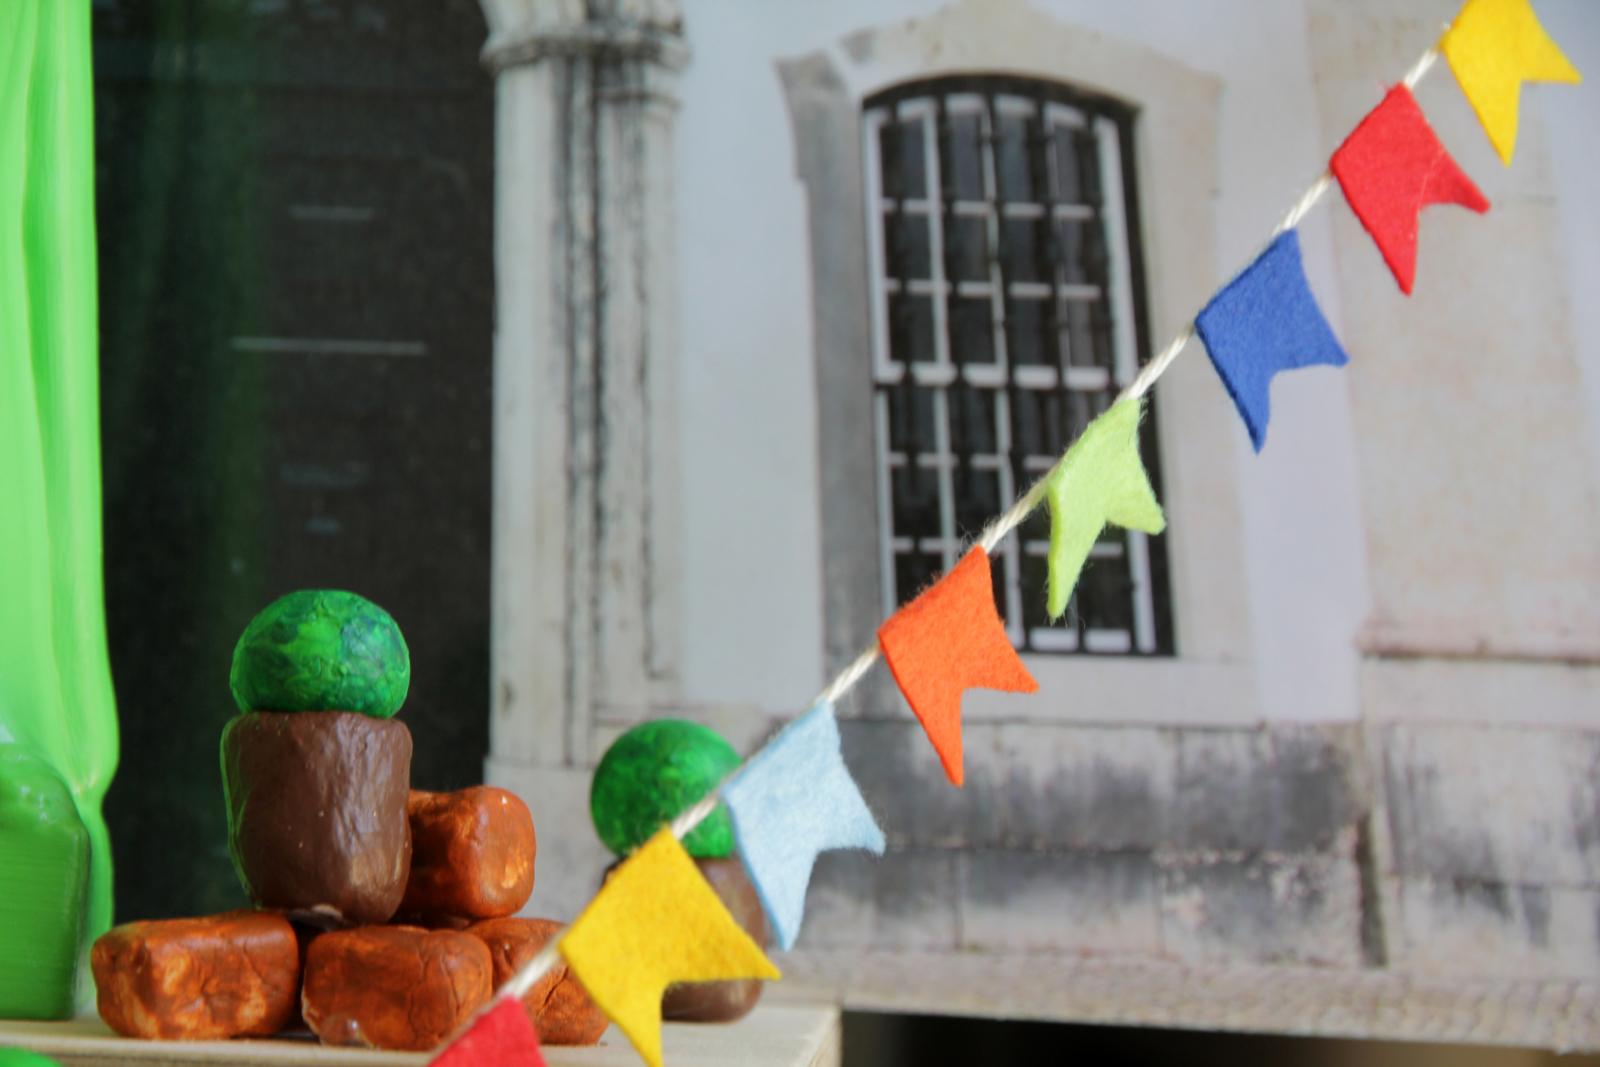 Banca com majericos artificiais e fita alusiva a arraial